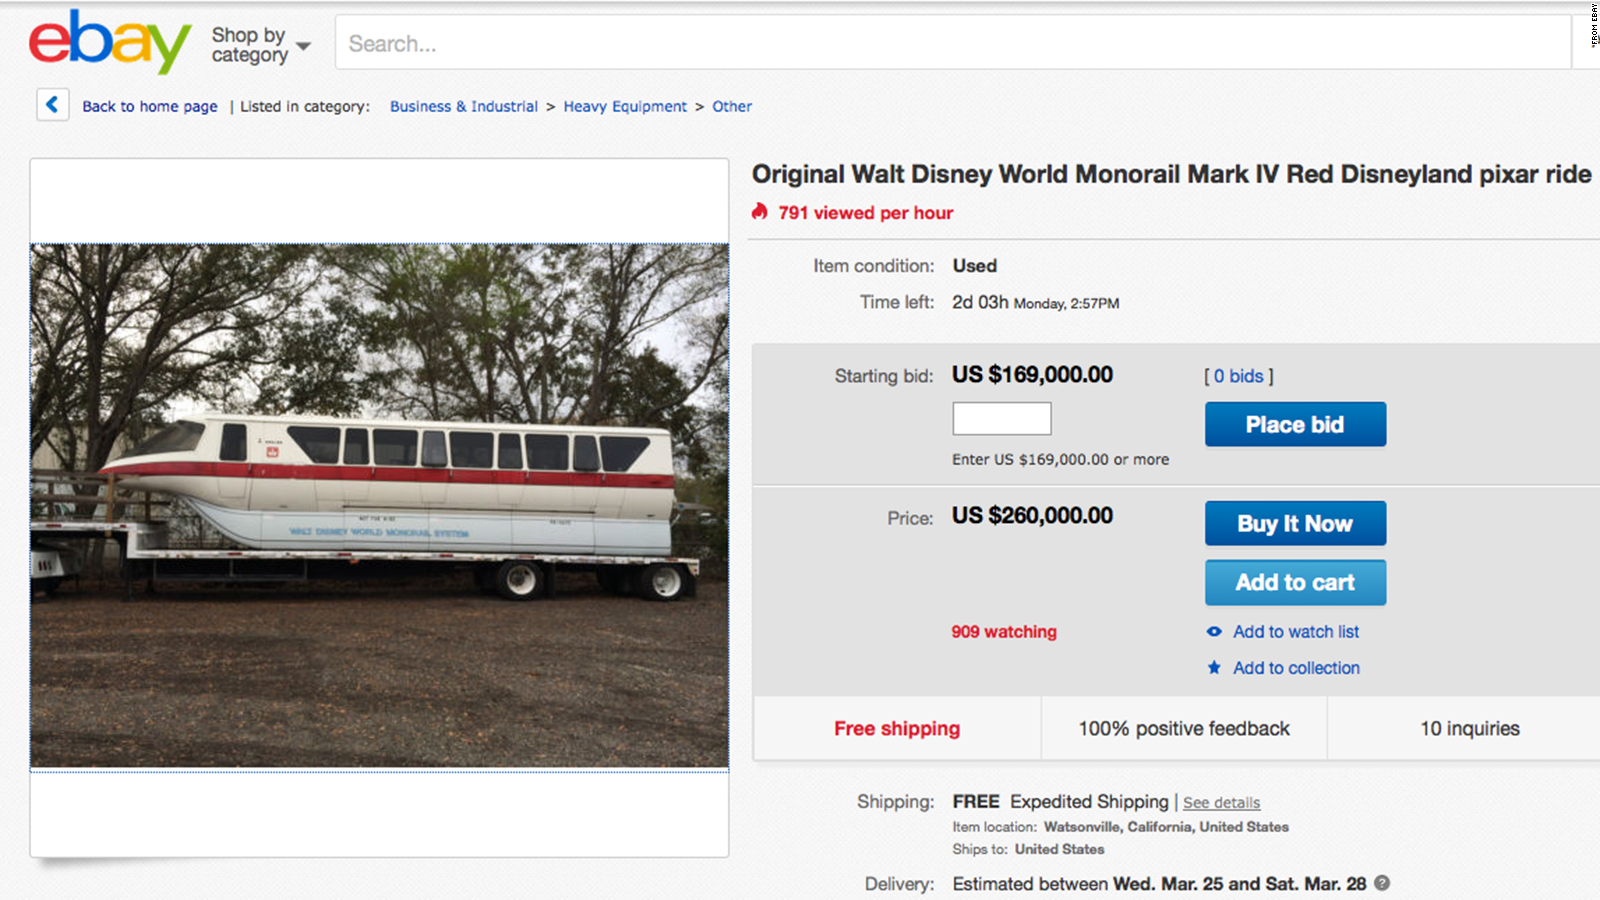 Walt Disney World Monorail Cab For Sale On Ebay Cnn Travel